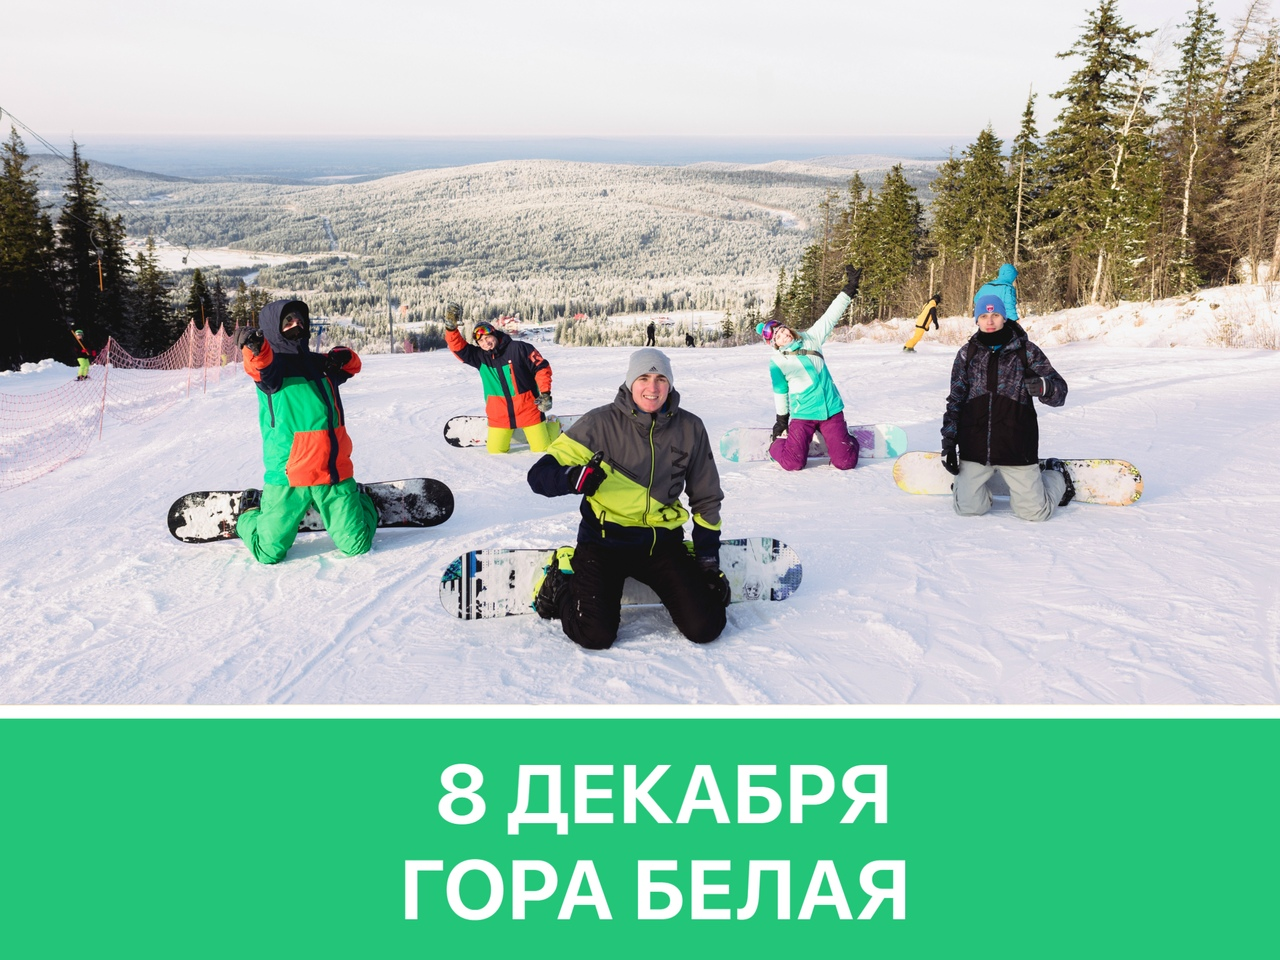 Афиша Белая / 8 декабря / Горнолыжка